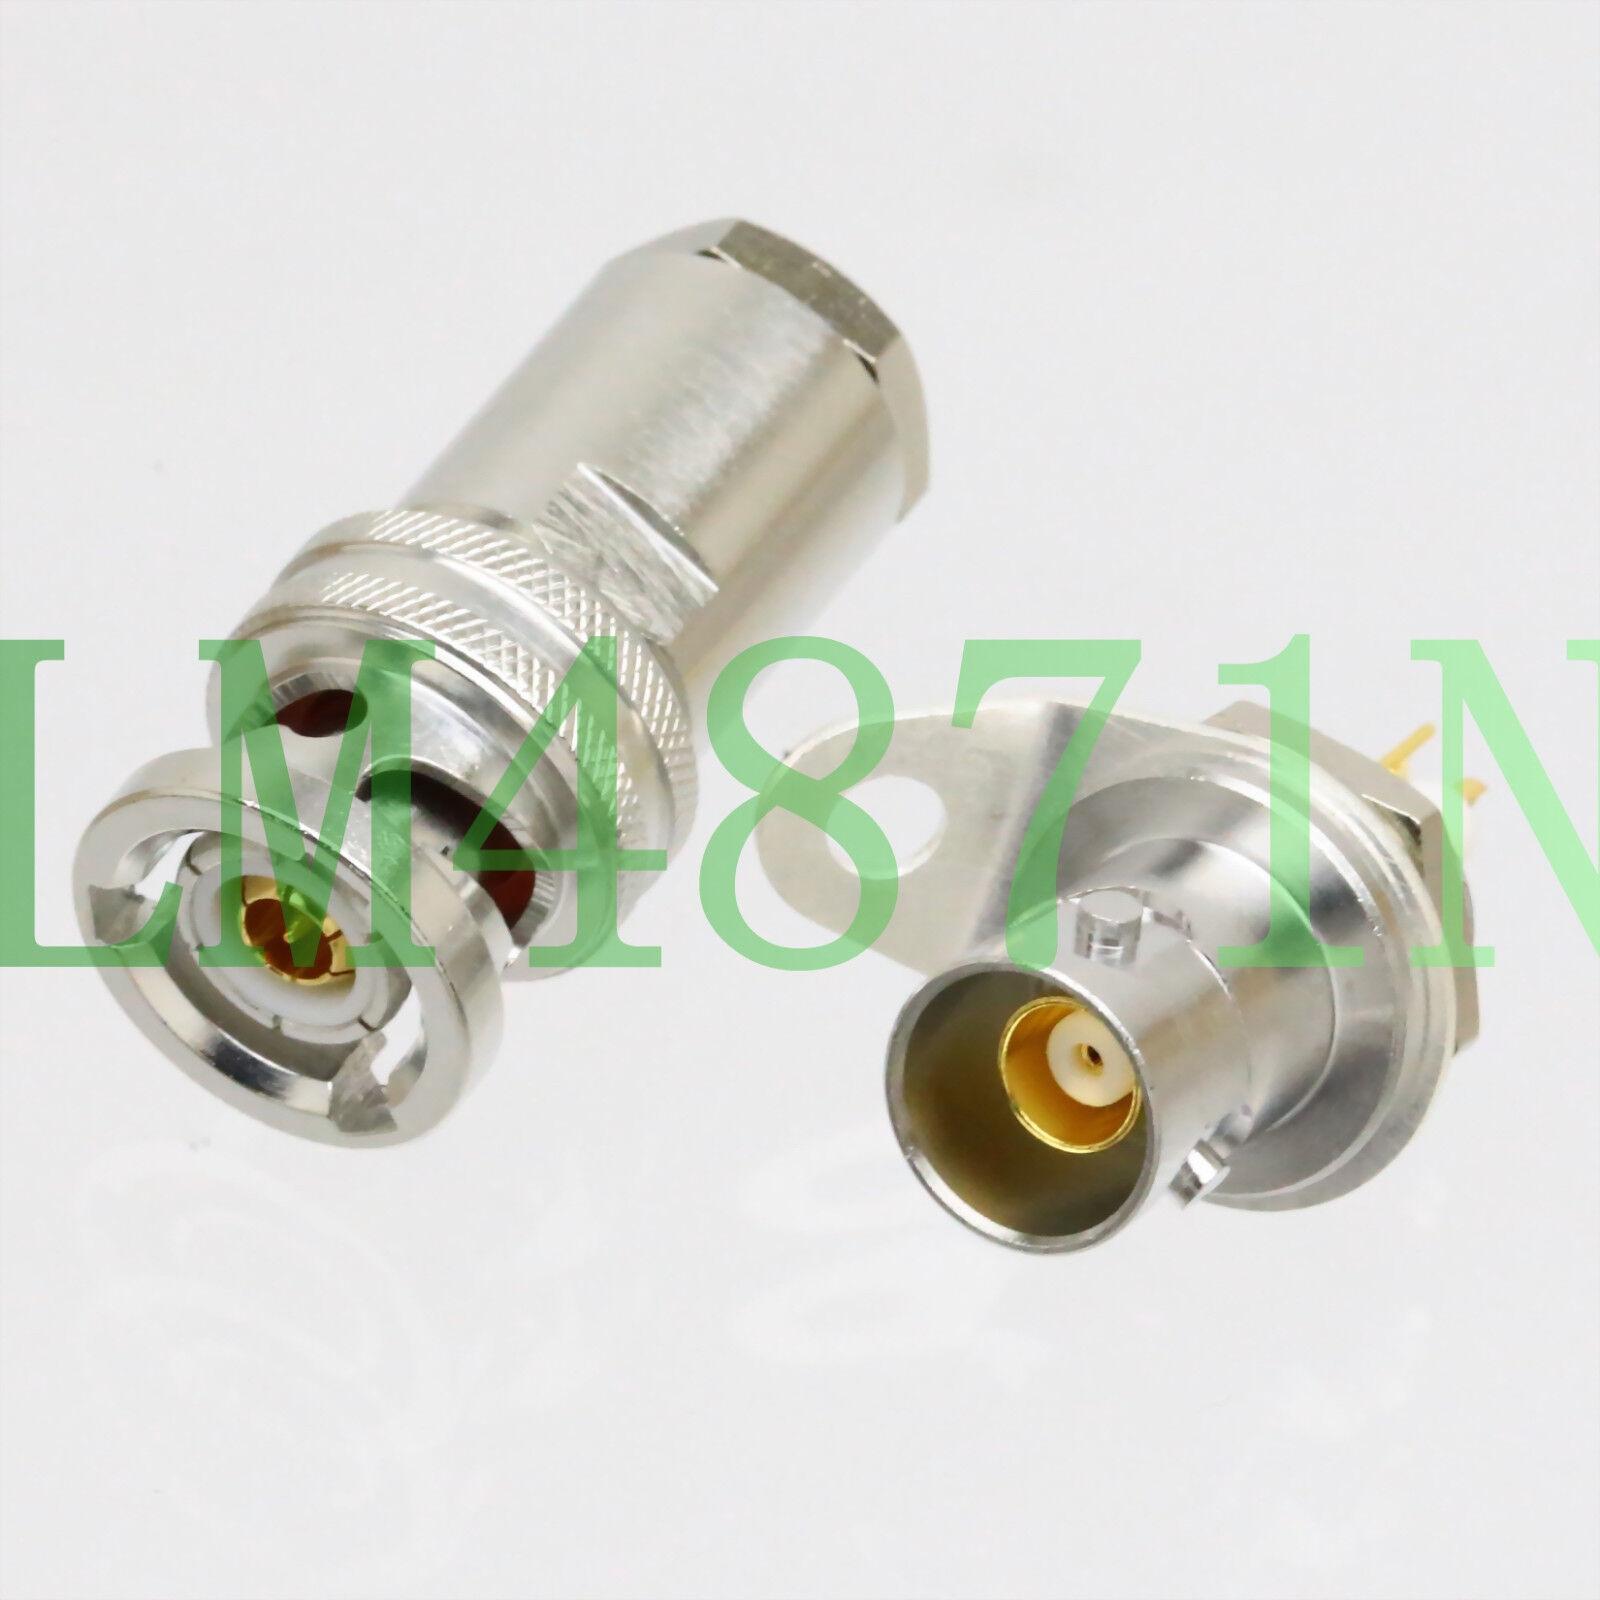 Metric Buna  O-rings 25.7 x 3.5mm JIS P26 Price for 10 pcs